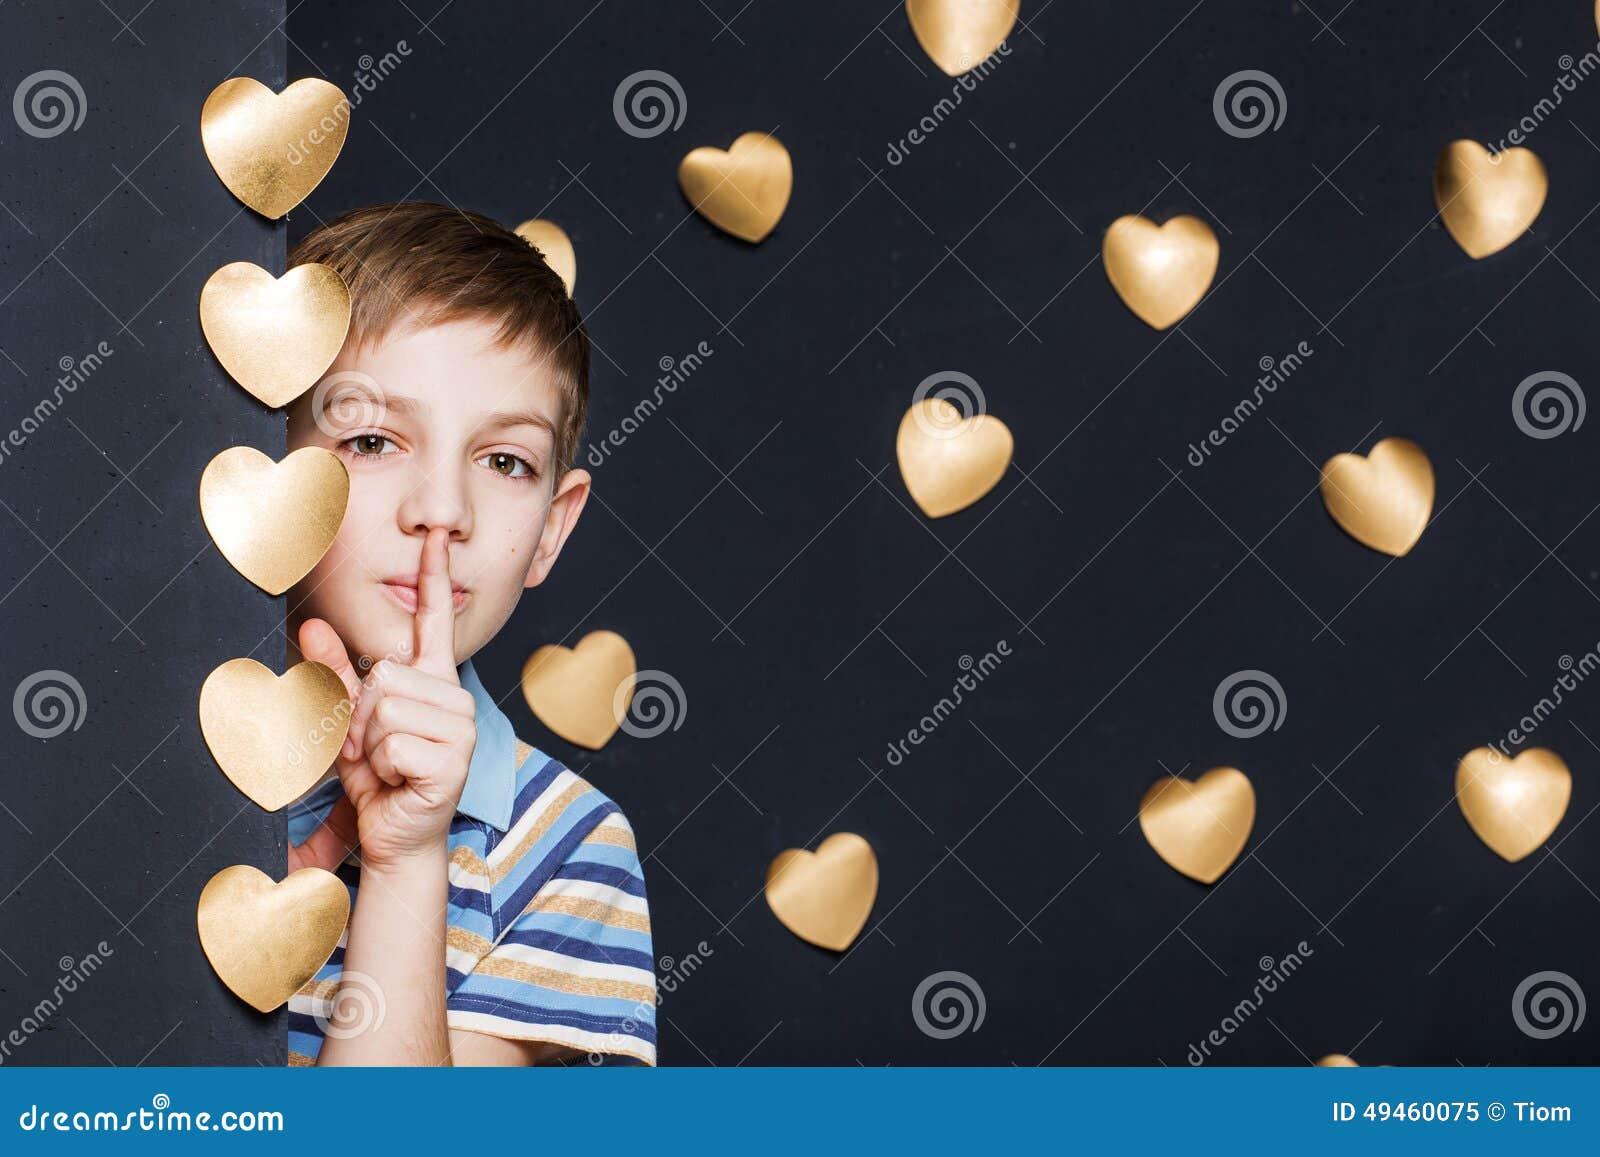 Boy peeking on golden hearts